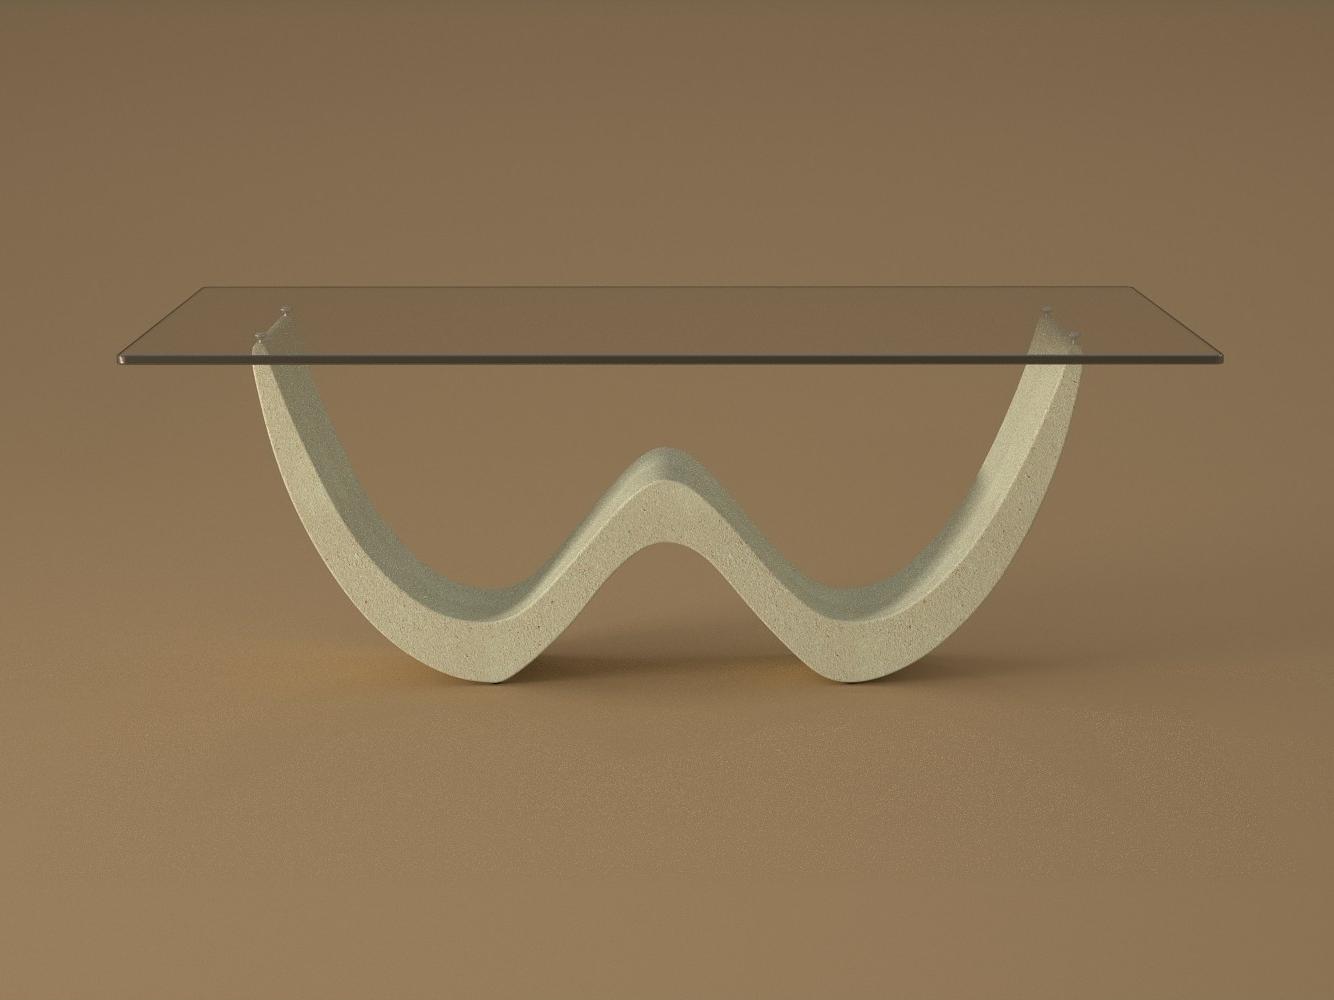 Tavolino da salotto David marmo agglomerato arredamento pietra arredo mobili design moderno salotto tavolino